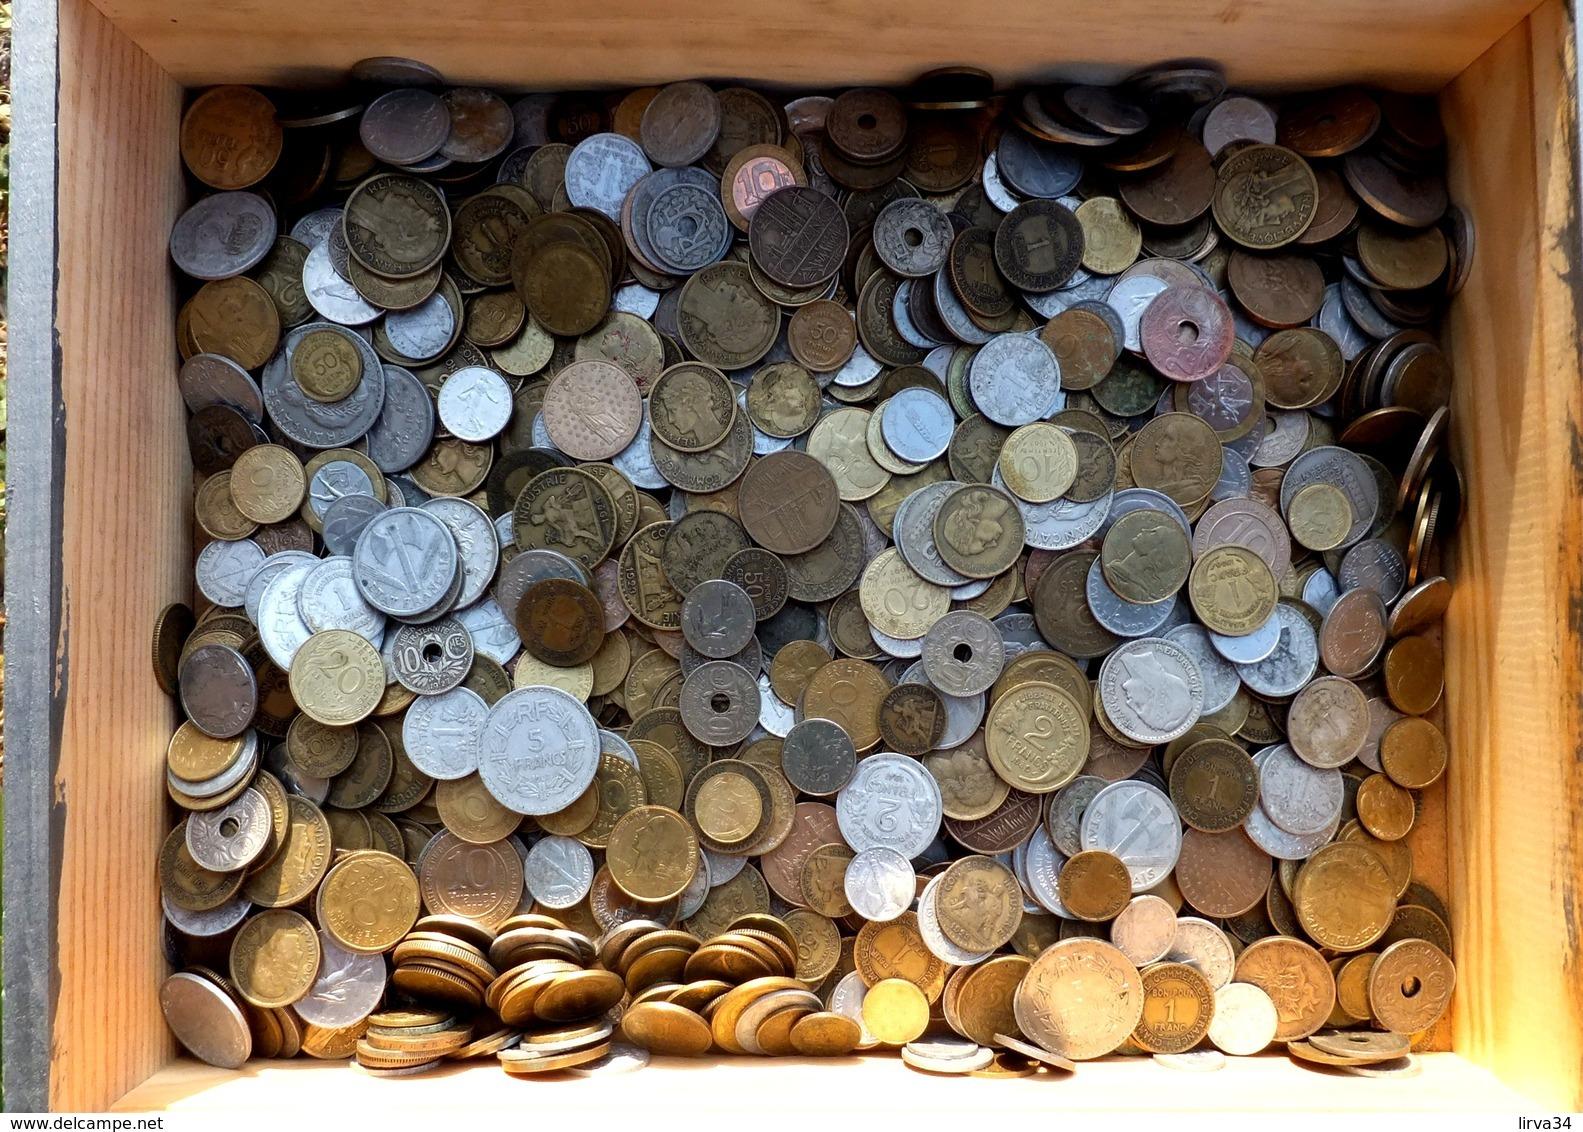 SÉLECTION MONNAIES DE FRANCE EN VRAC- 1,5 KG. -EPOQUES DIVERSES- 3 SCANS - Monedas & Billetes